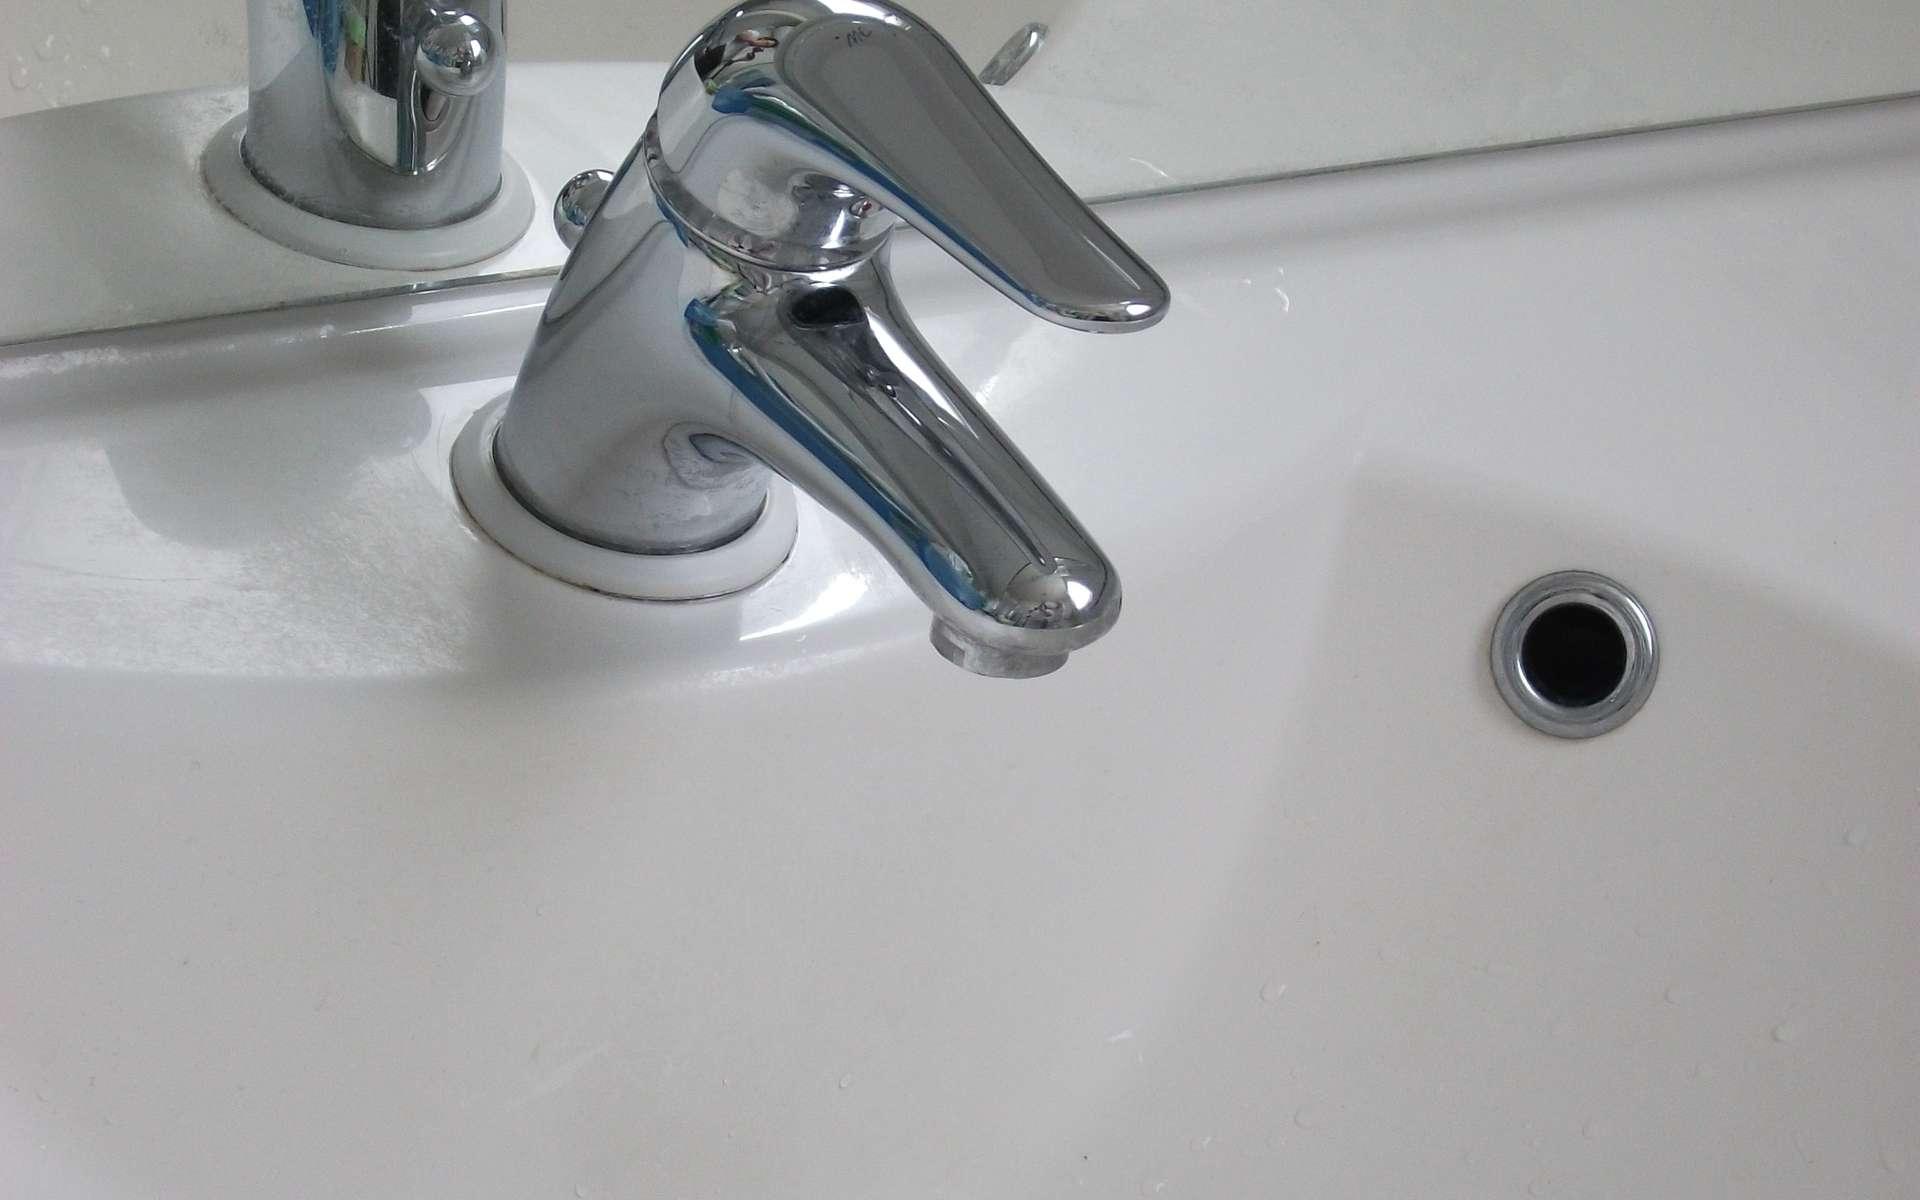 Le mitigeur est toujours l'élément qui est posé en premier lorsque l'on doit installer une baignoire. © Comte0, Wikipédia, CC BY-SA 3.0